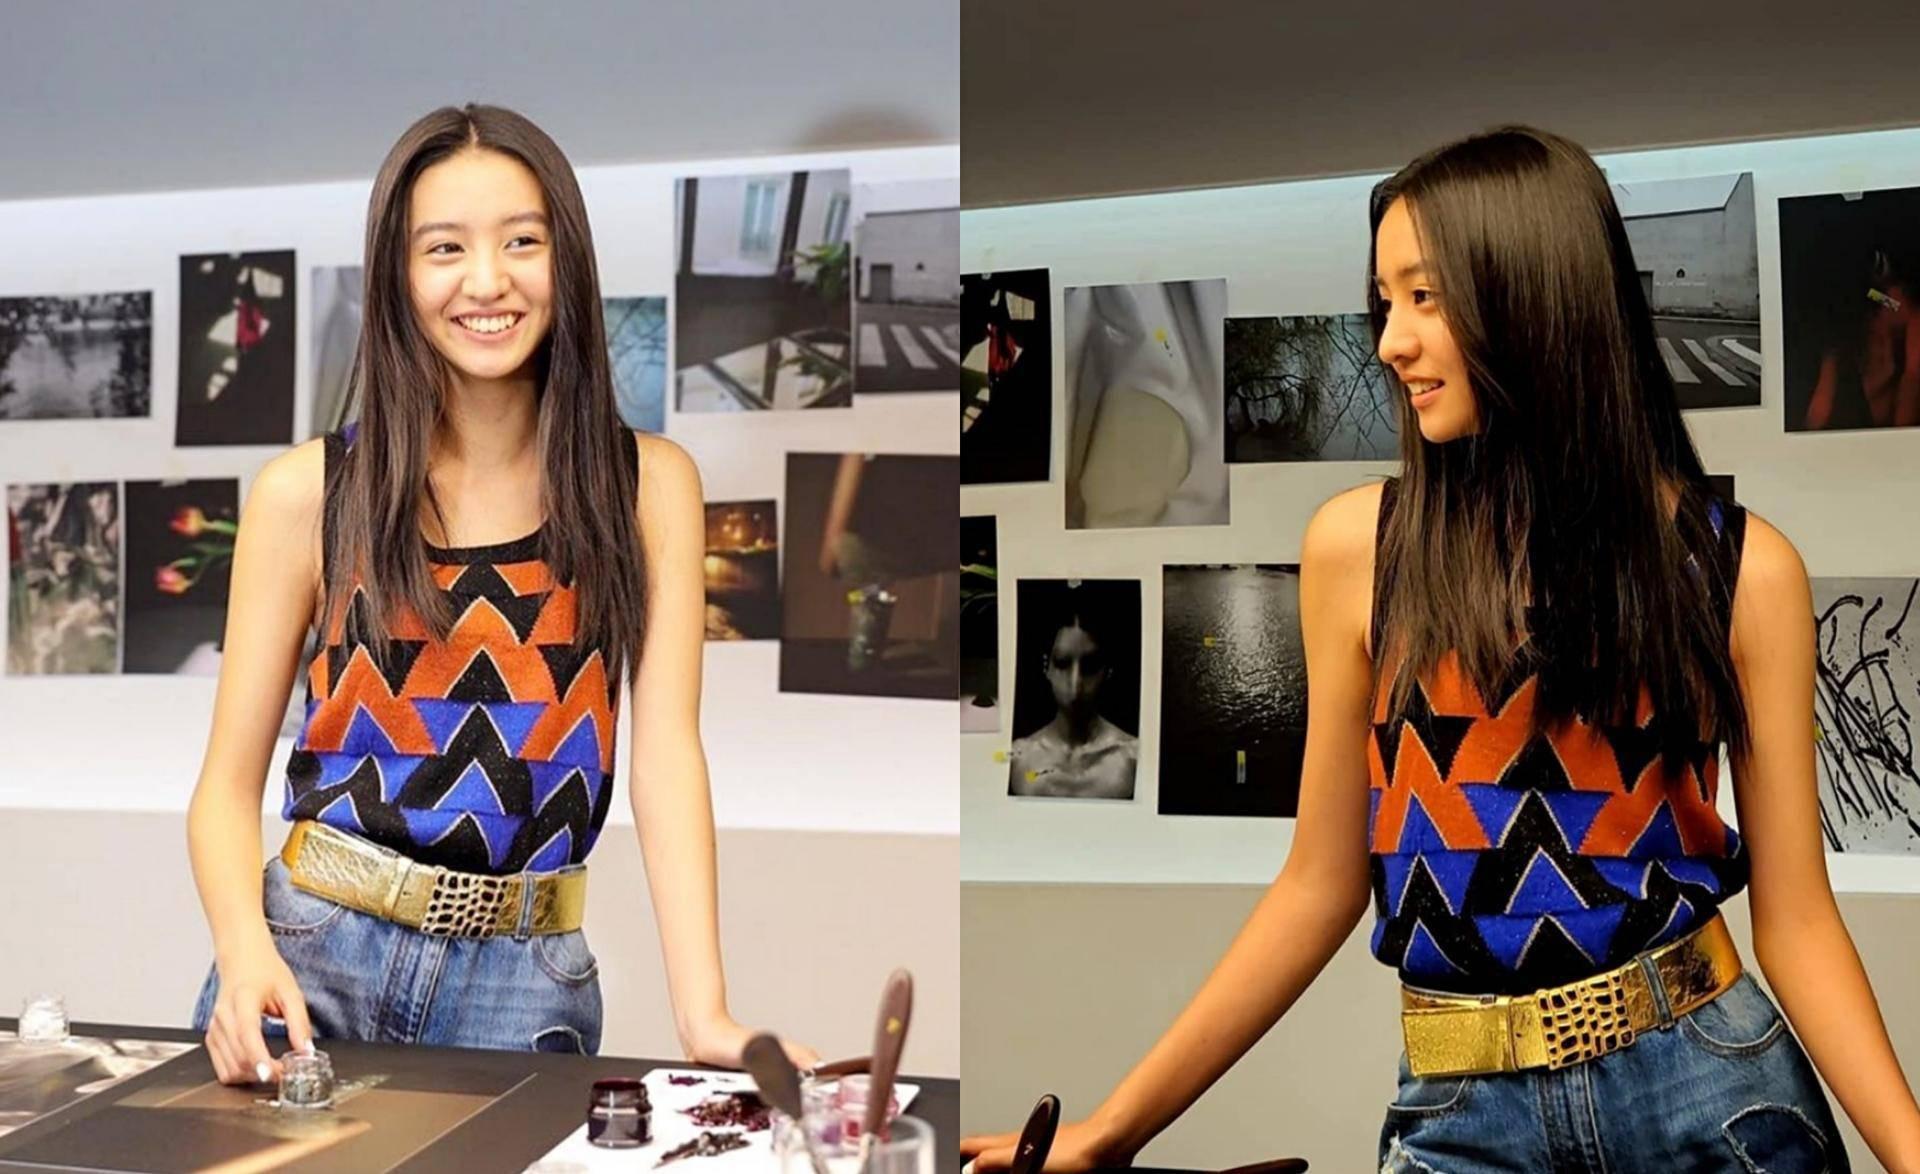 宋茜木村光希合影  相差16岁的两大美女谁更胜一筹?